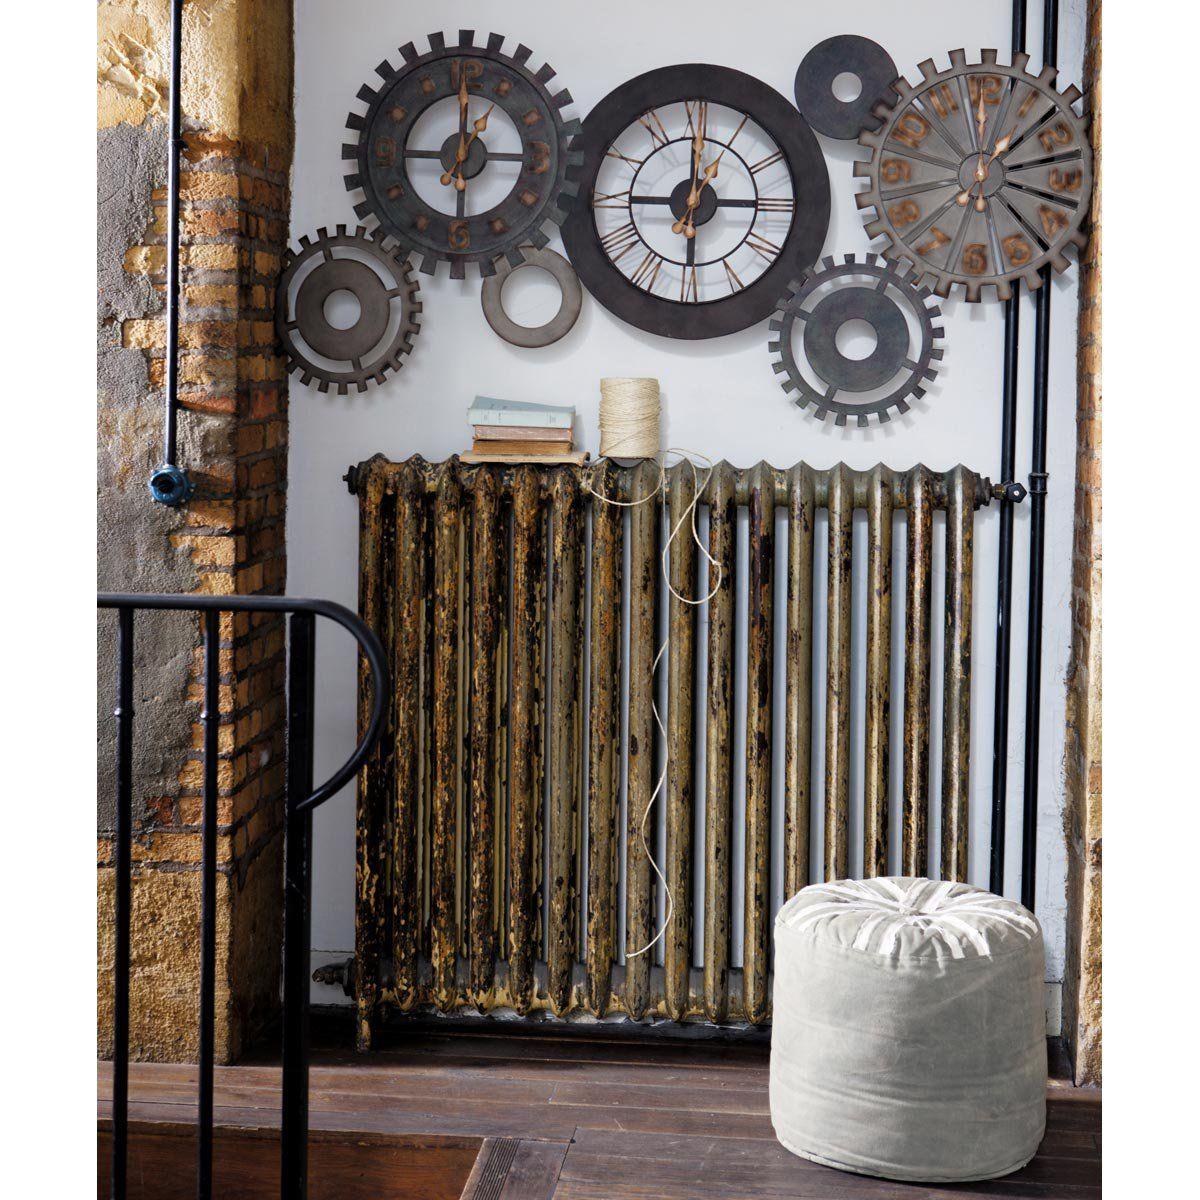 Horloges rouages en métal L 164 cm | Horloge metal, Horloge et ...